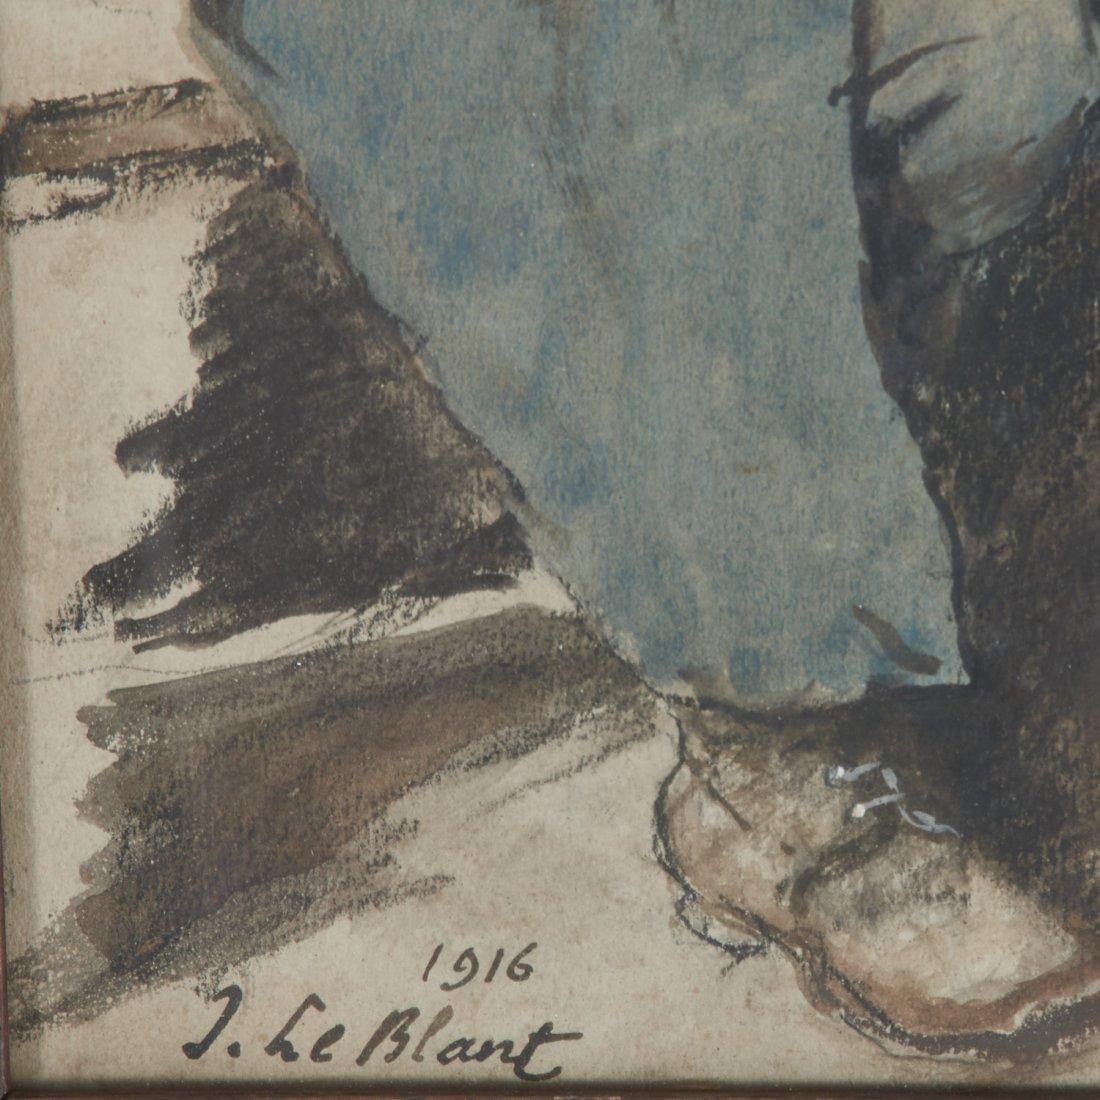 Julien LeBlant, drawing - 4